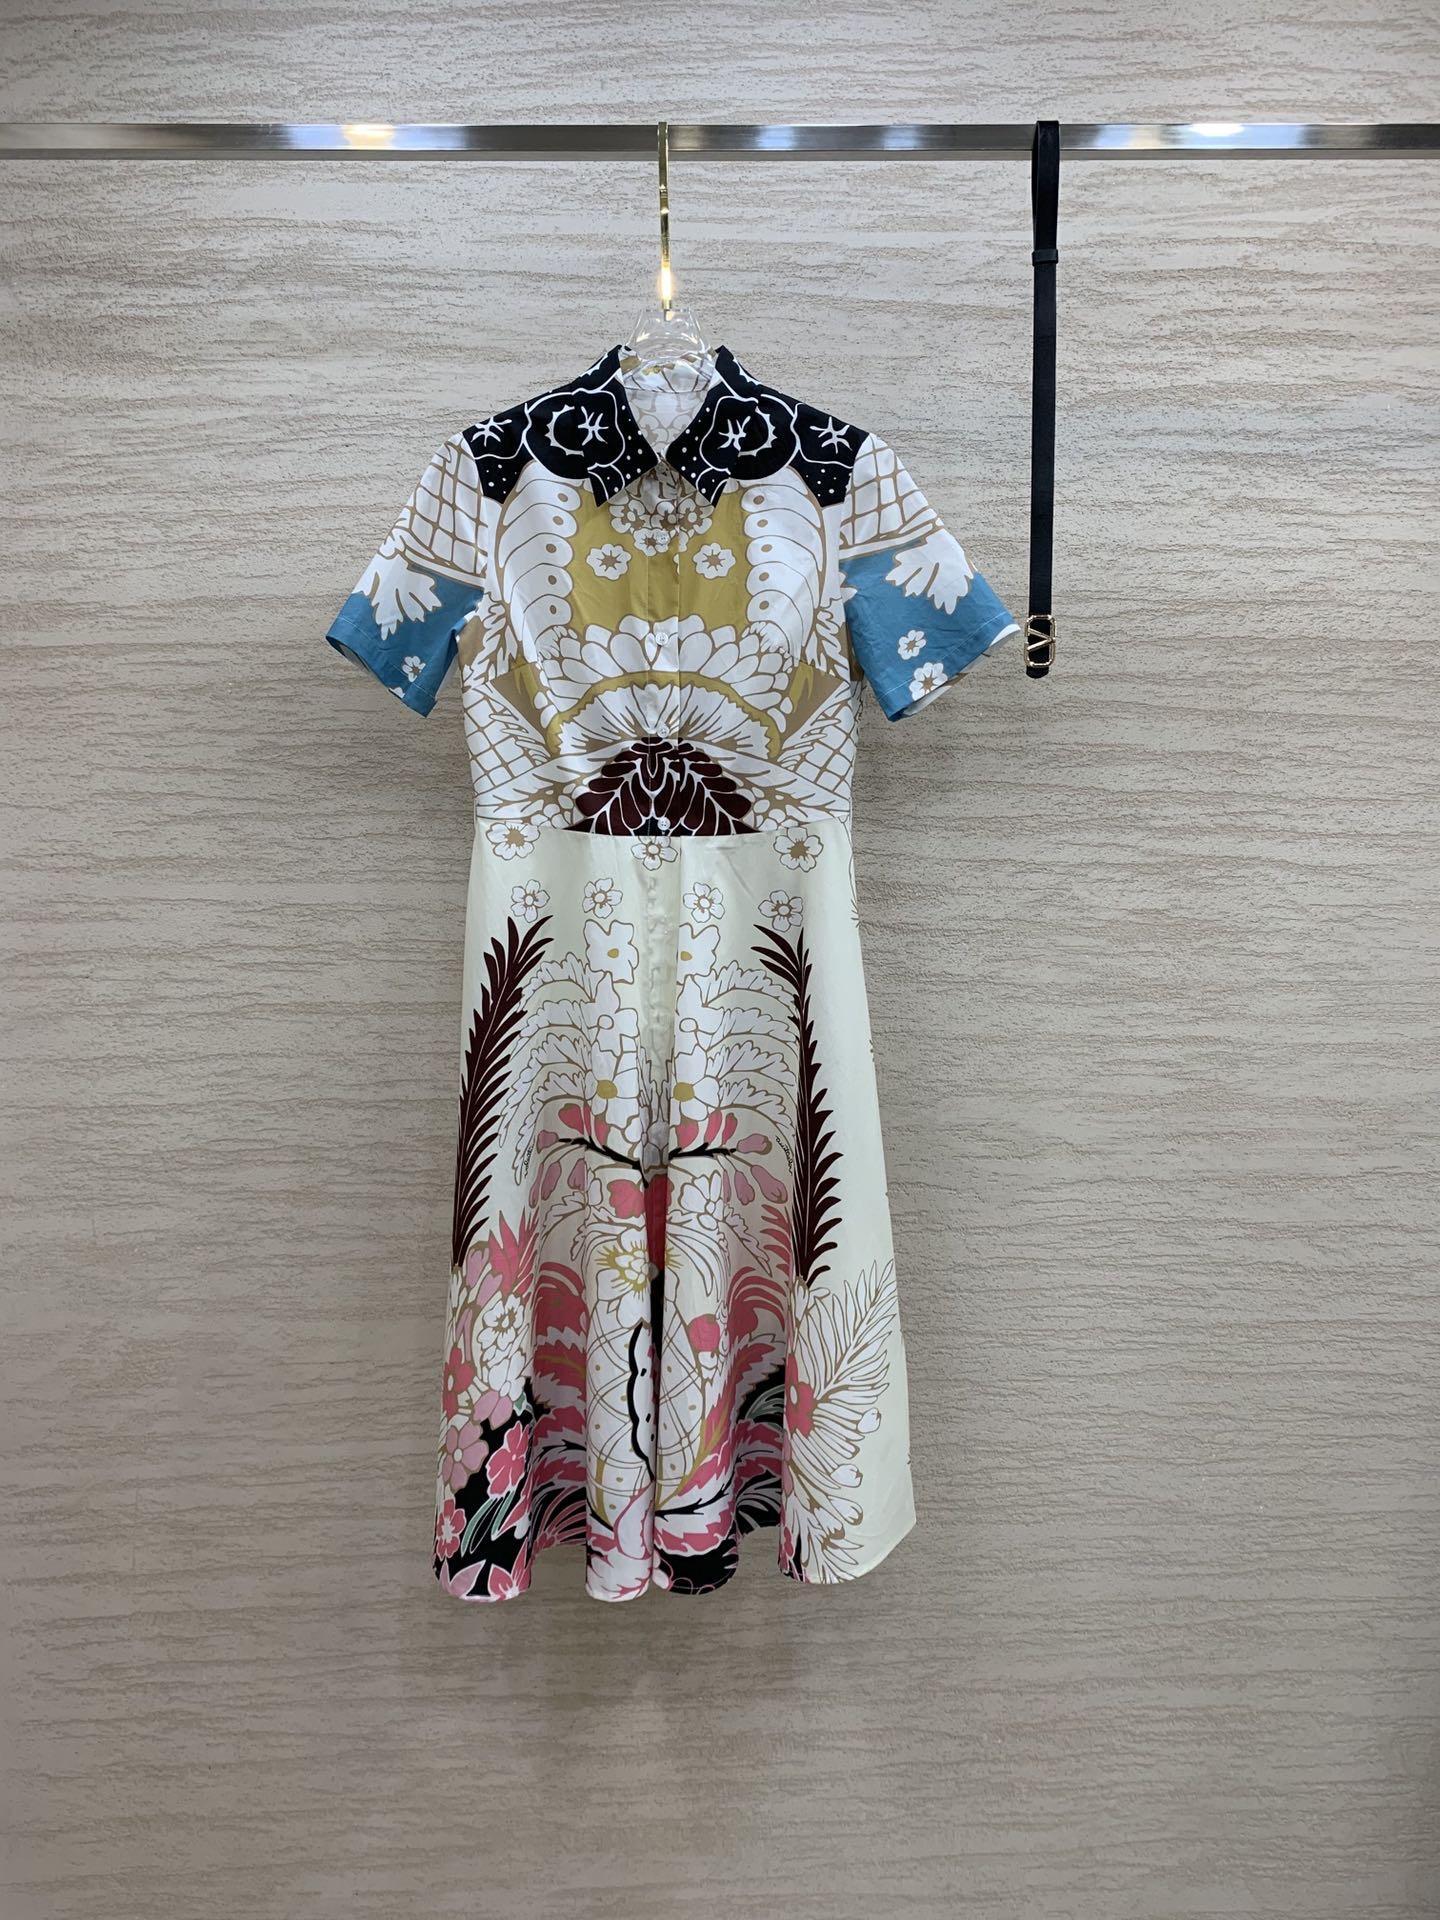 Milan pist elbiseler 2021 yaz yaka boyun kısa kollu baskı kadın tasarımcı elbise markası aynı stil giyim 0612-18